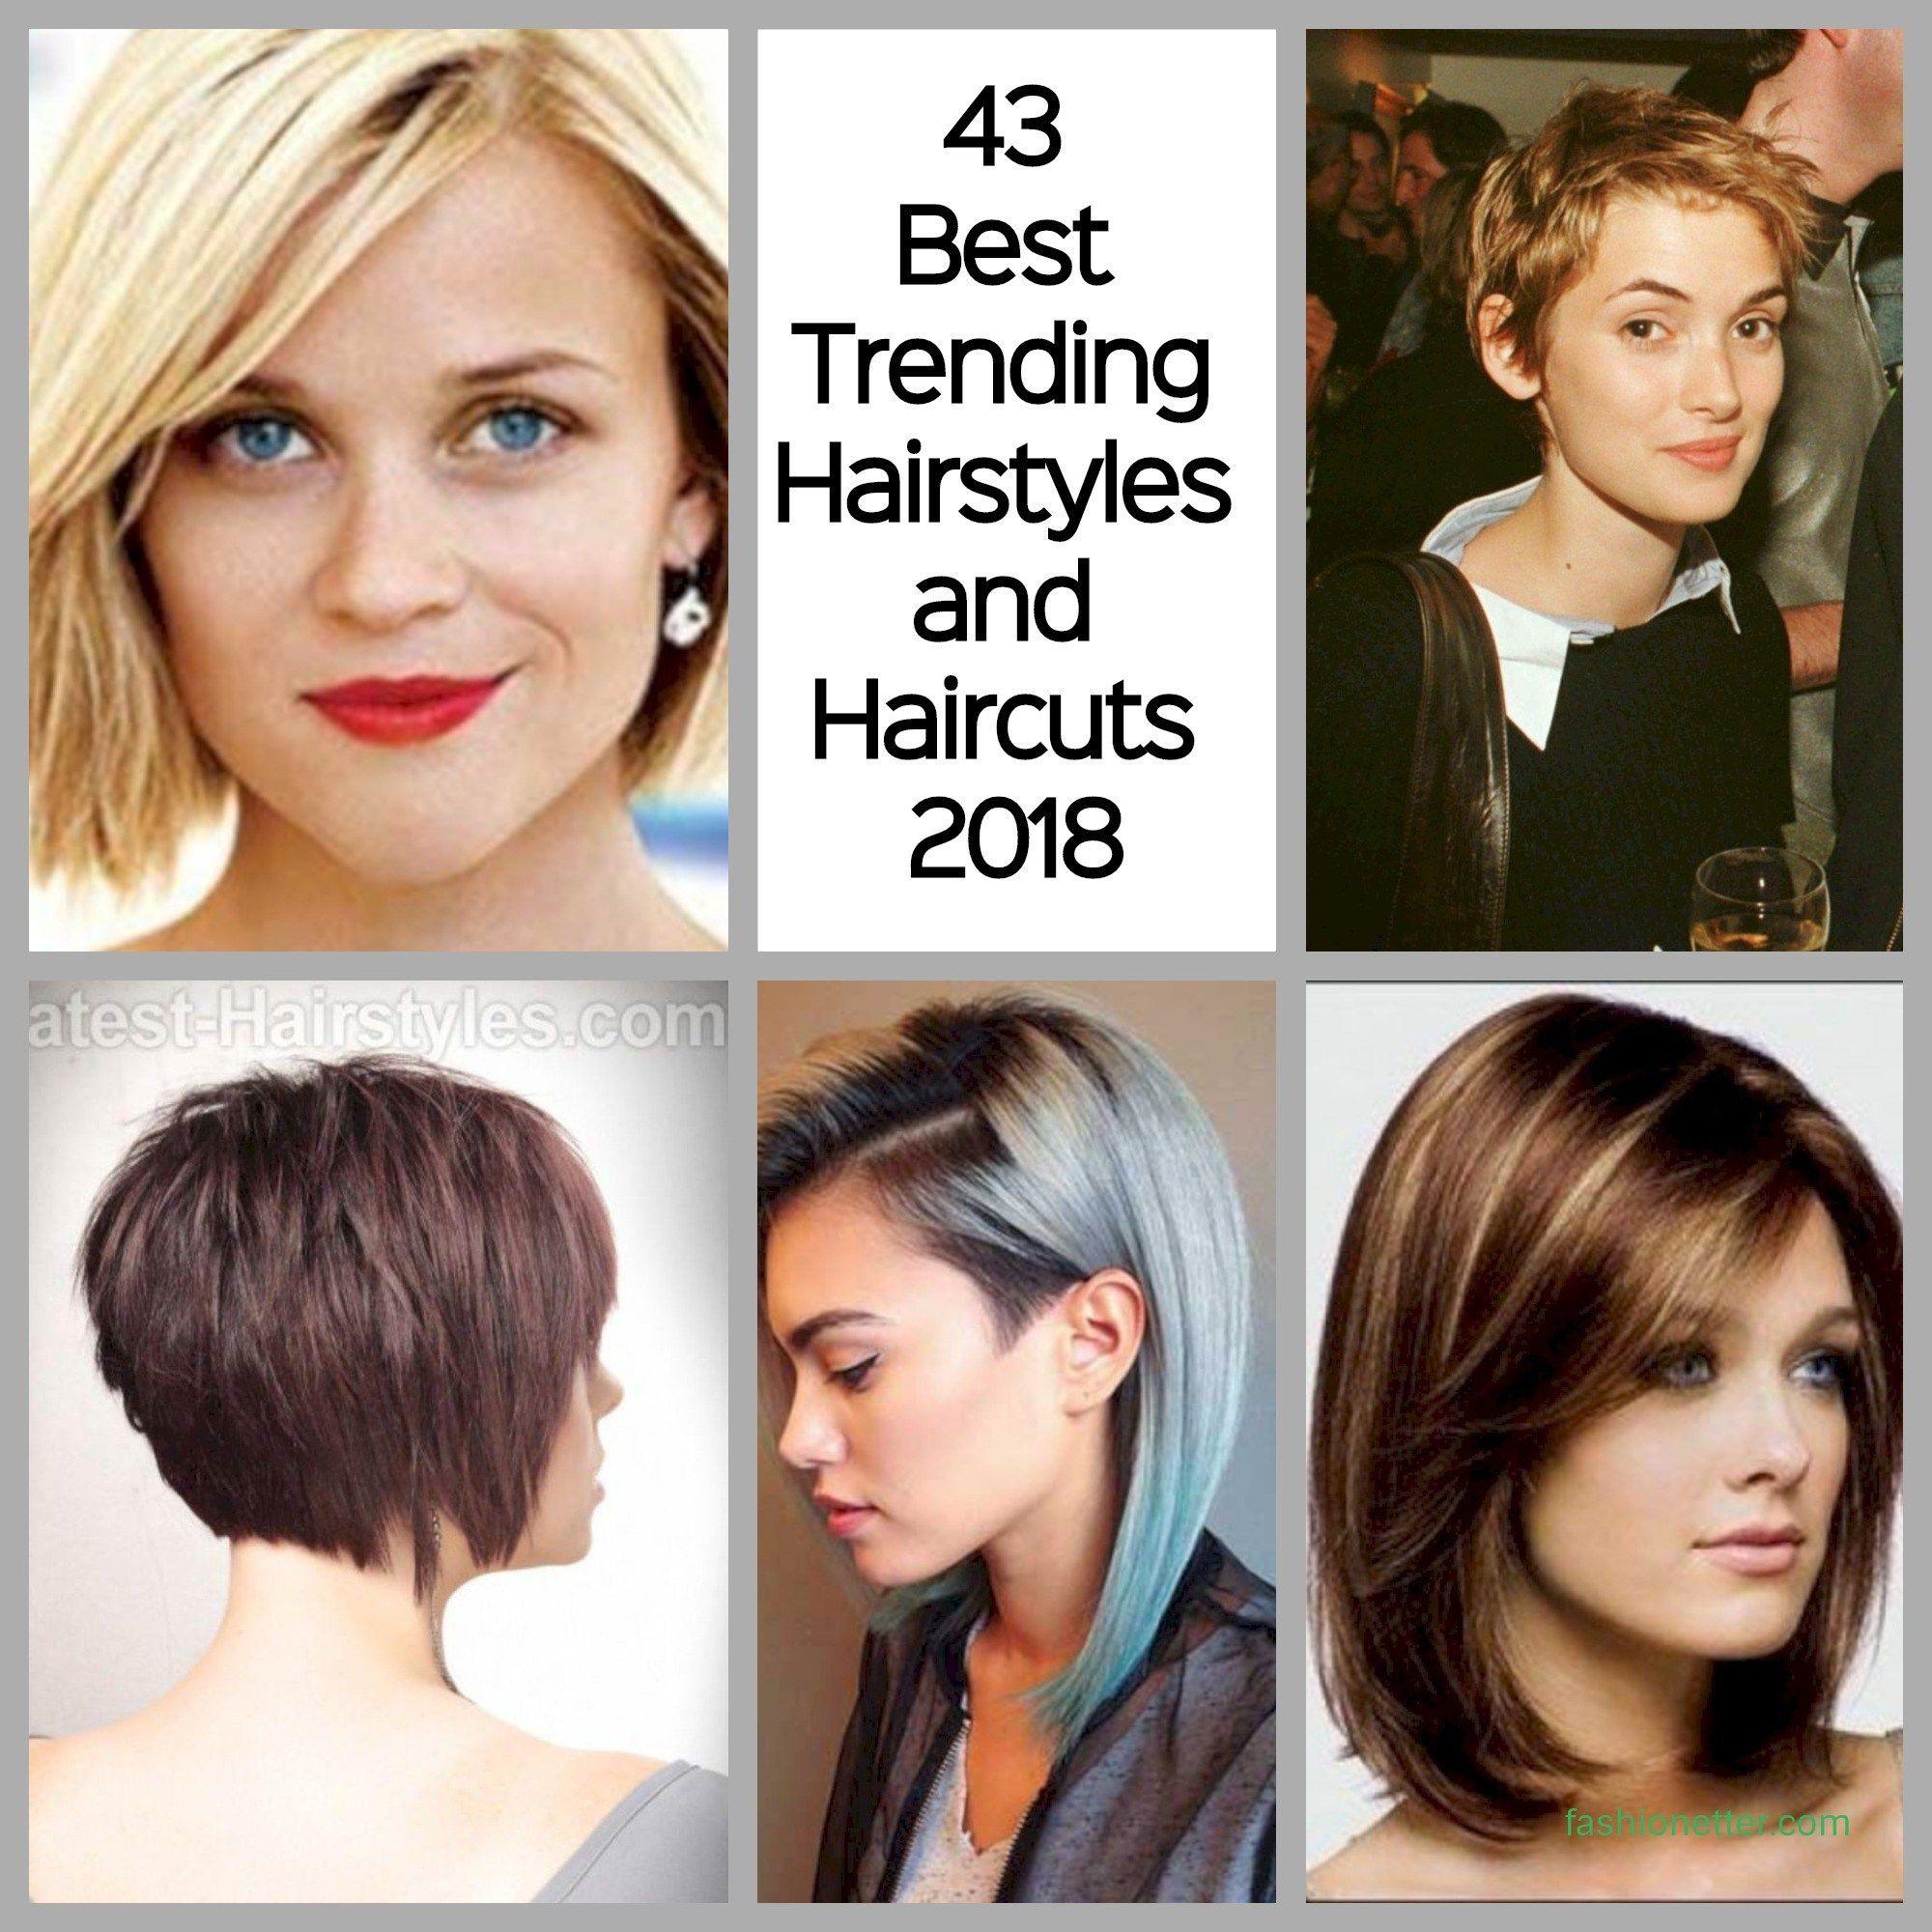 Trending Hairstyles 43 Best Trending Hairstyles And Haircuts 2018  Trending Hairstyles